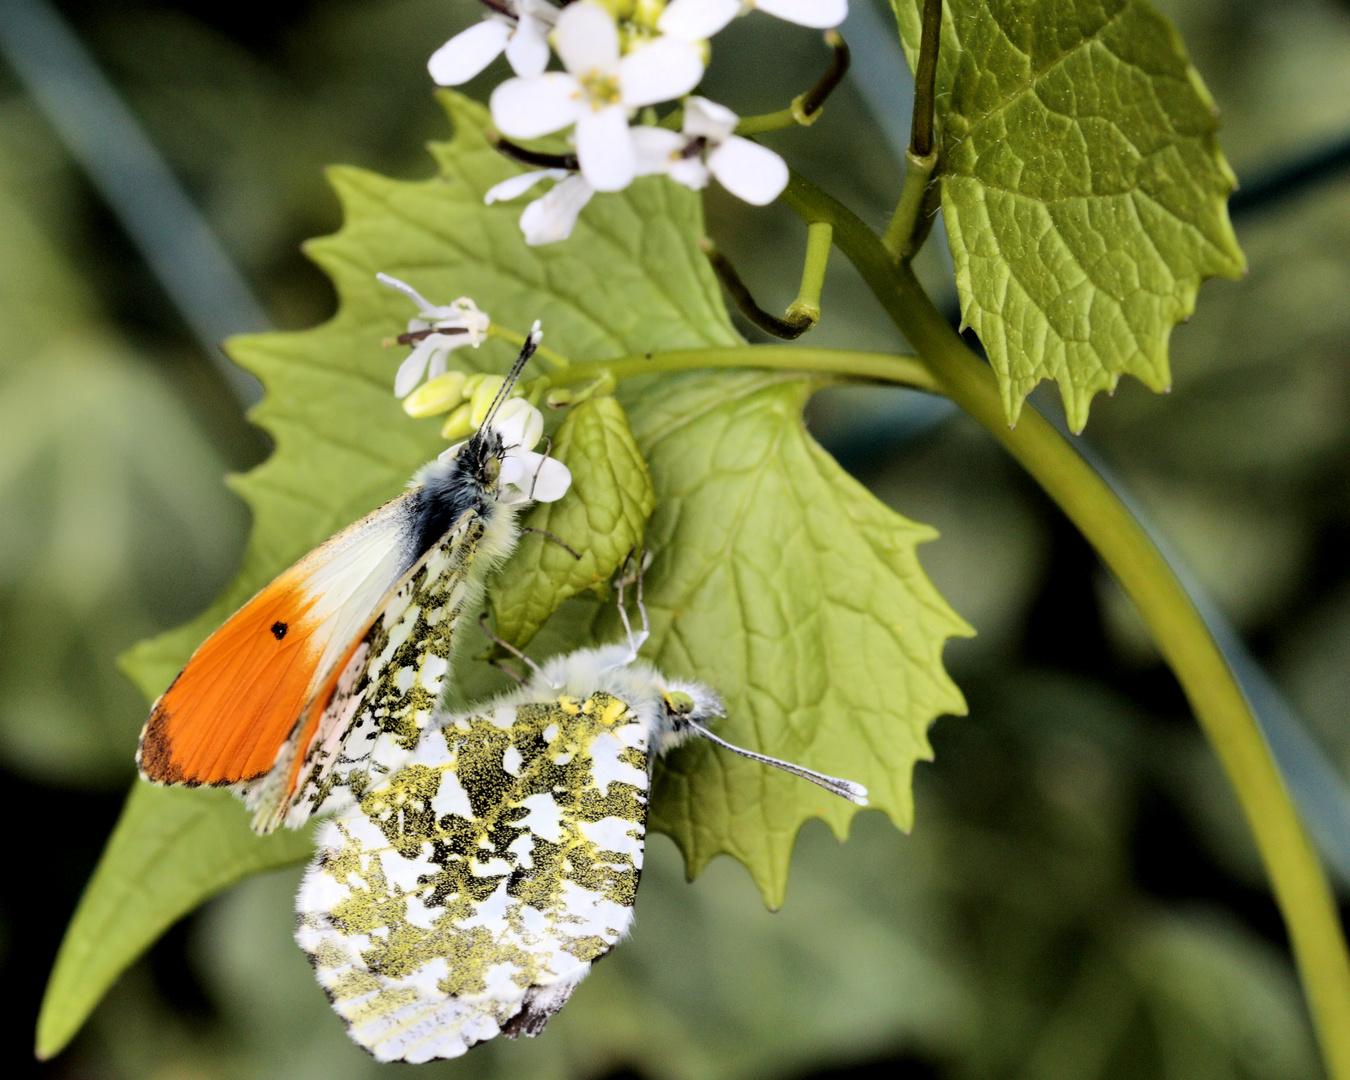 Schmetterlinge bei der Paarung ??